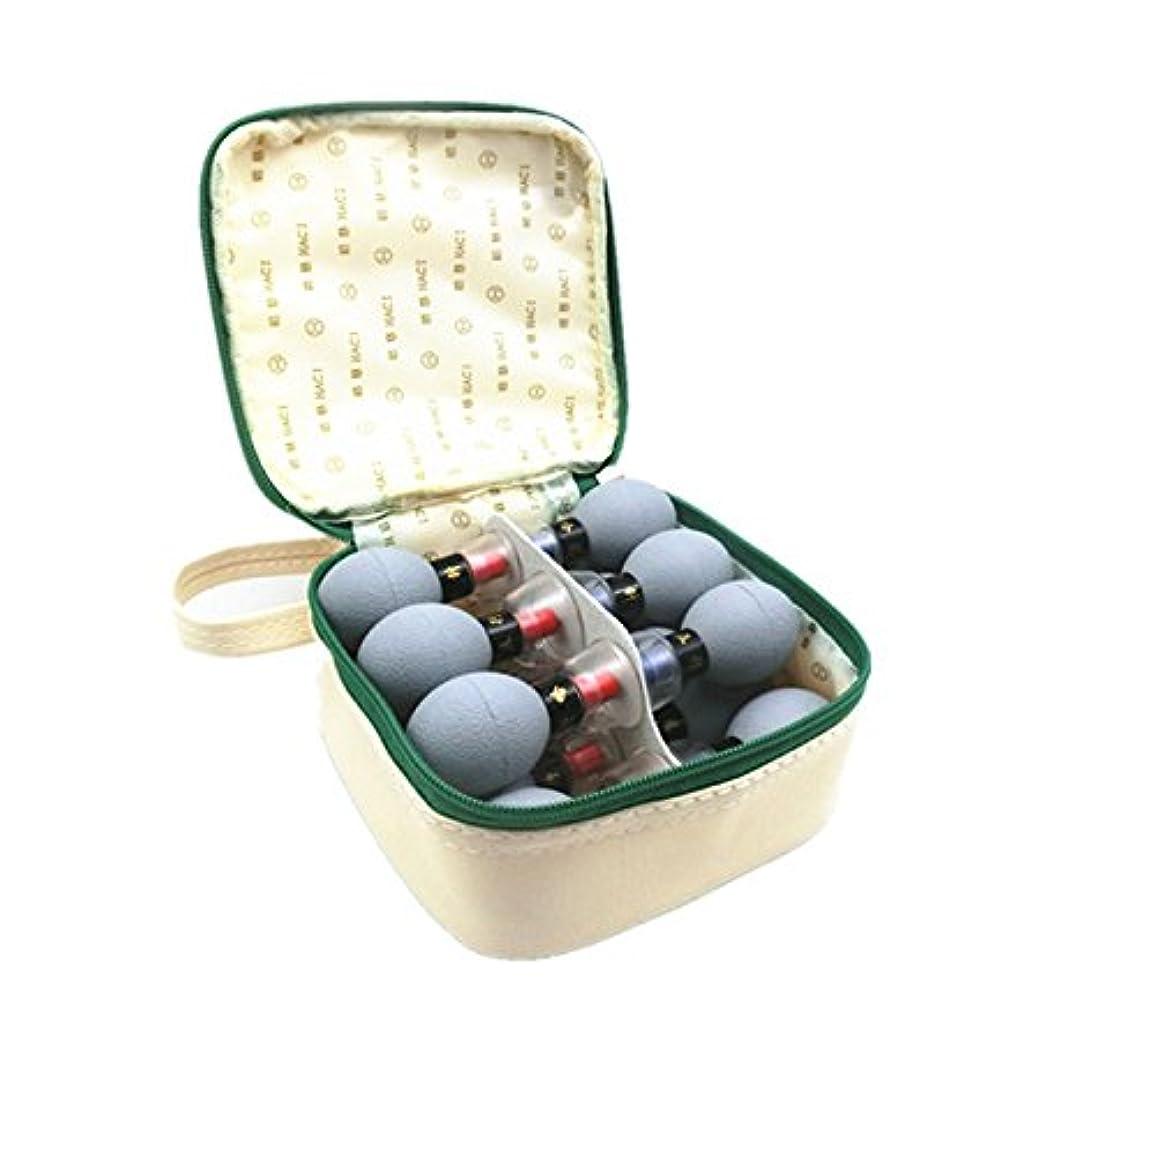 私たち信者革命的家庭用真空磁気療法指圧吸引カップTCM鍼灸治療用マッサージヘルスケアセット